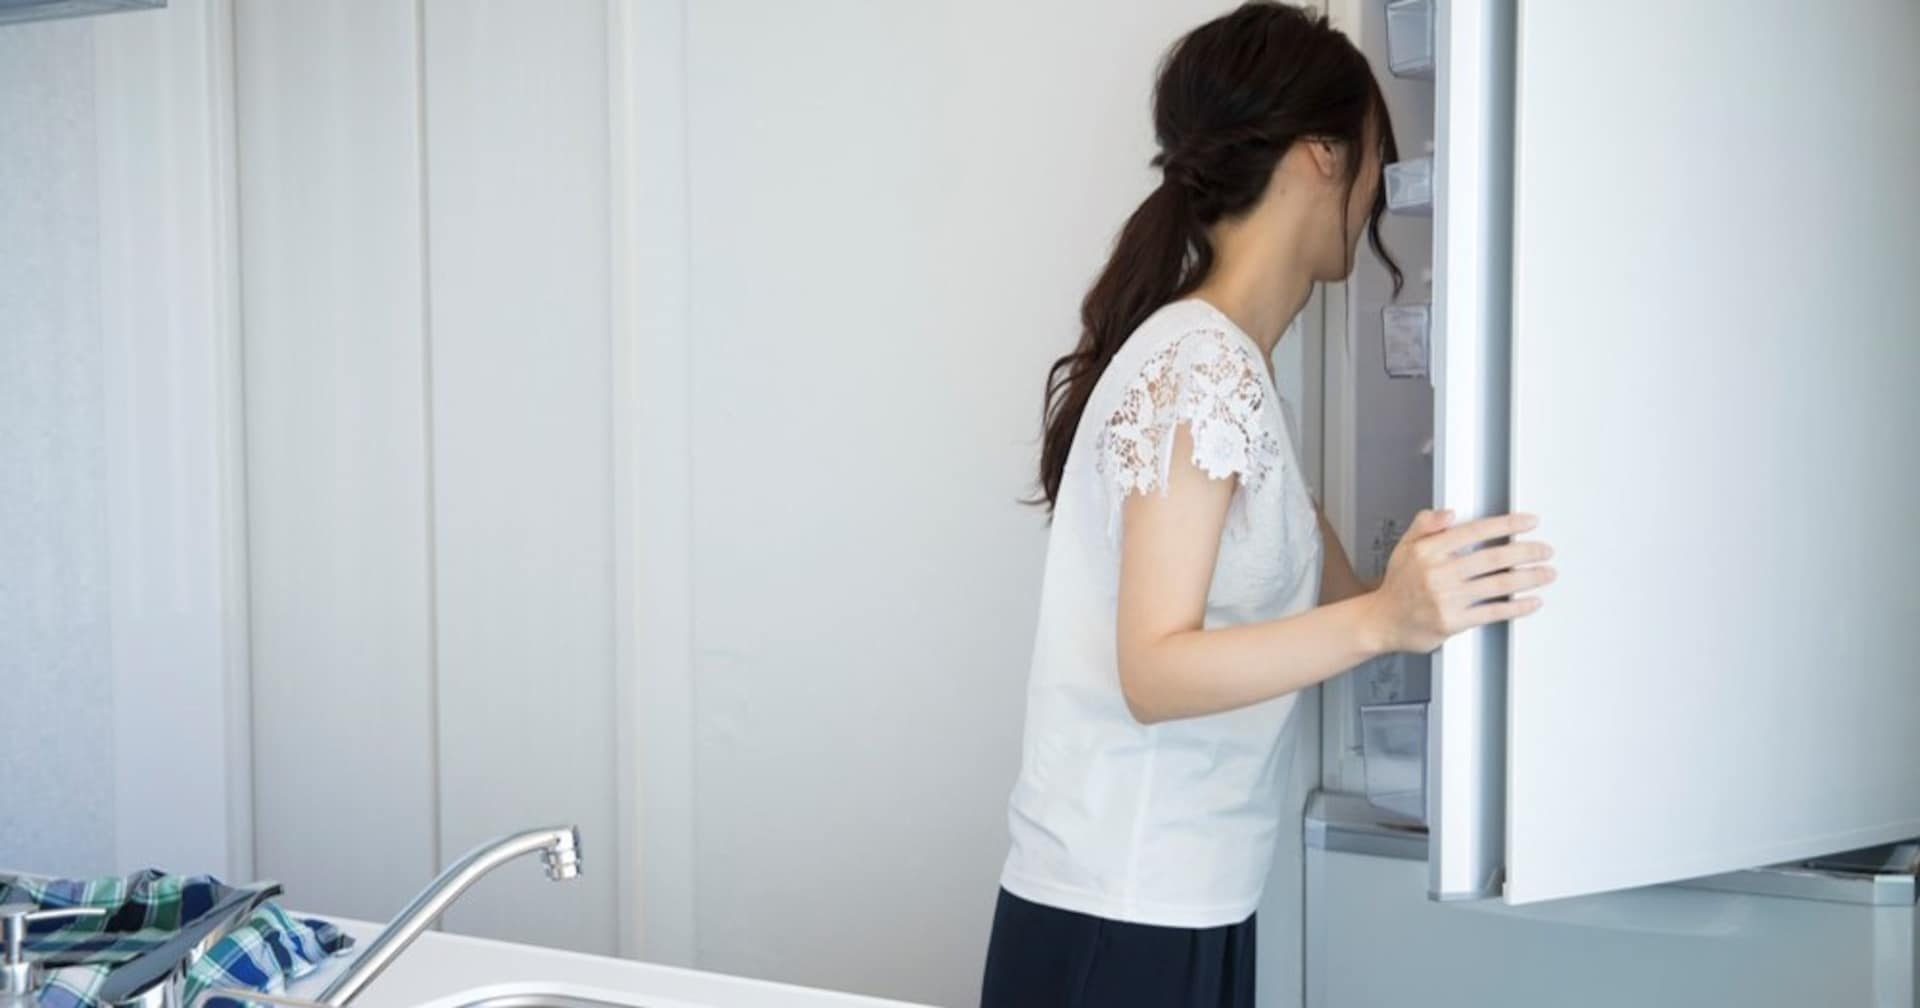 洗濯機が壊れて気づいた国内メーカーの悲惨な現状がコチラ →「こんなに選択肢がなくなっているとは…」「踏ん張ってほしい」と不安の声